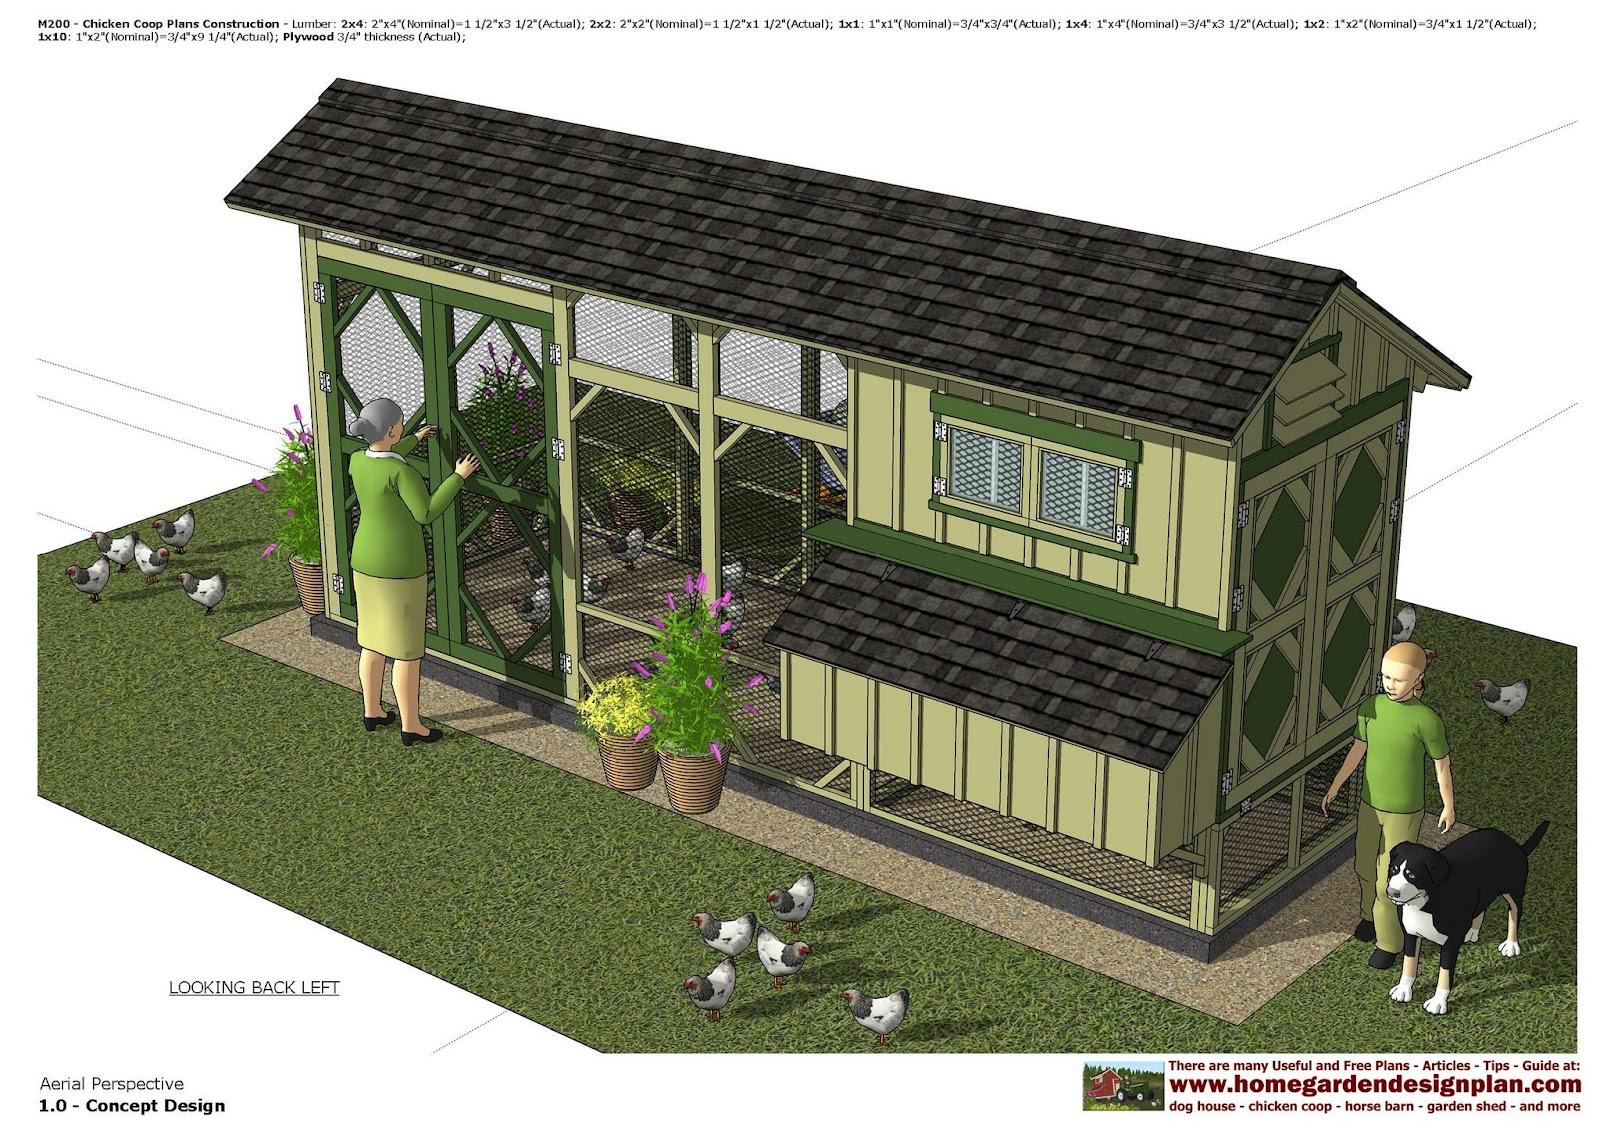 Home garden plans m200 chicken coop plans chicken for Chicken coop house plans